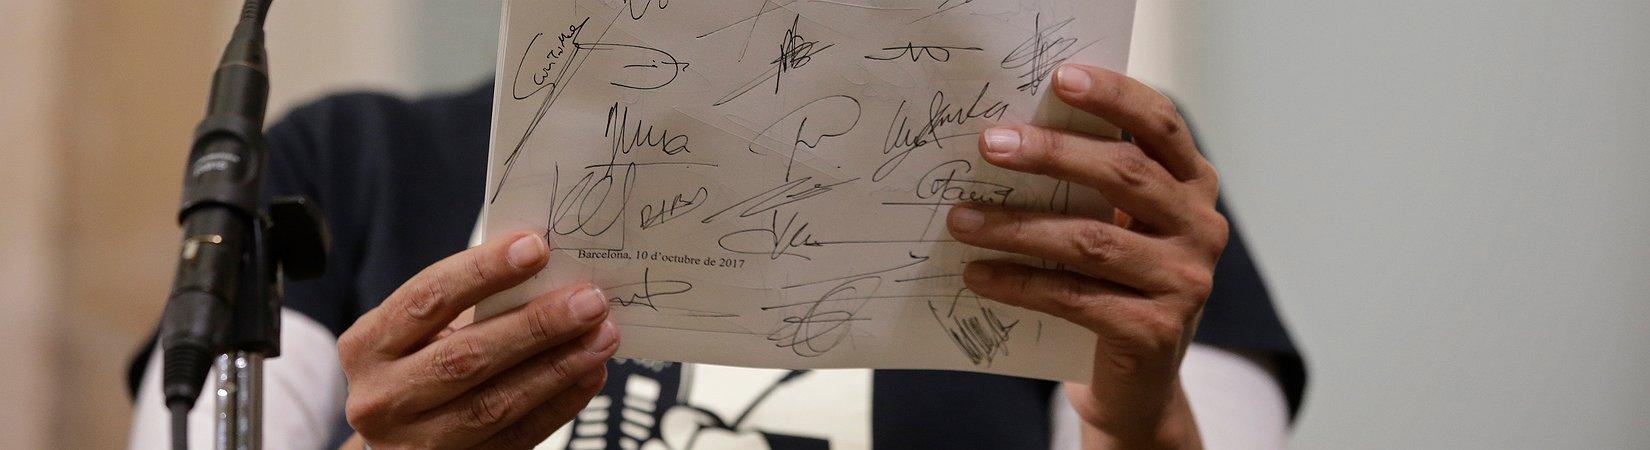 Каталония подписала декларацию о независимости от Испании